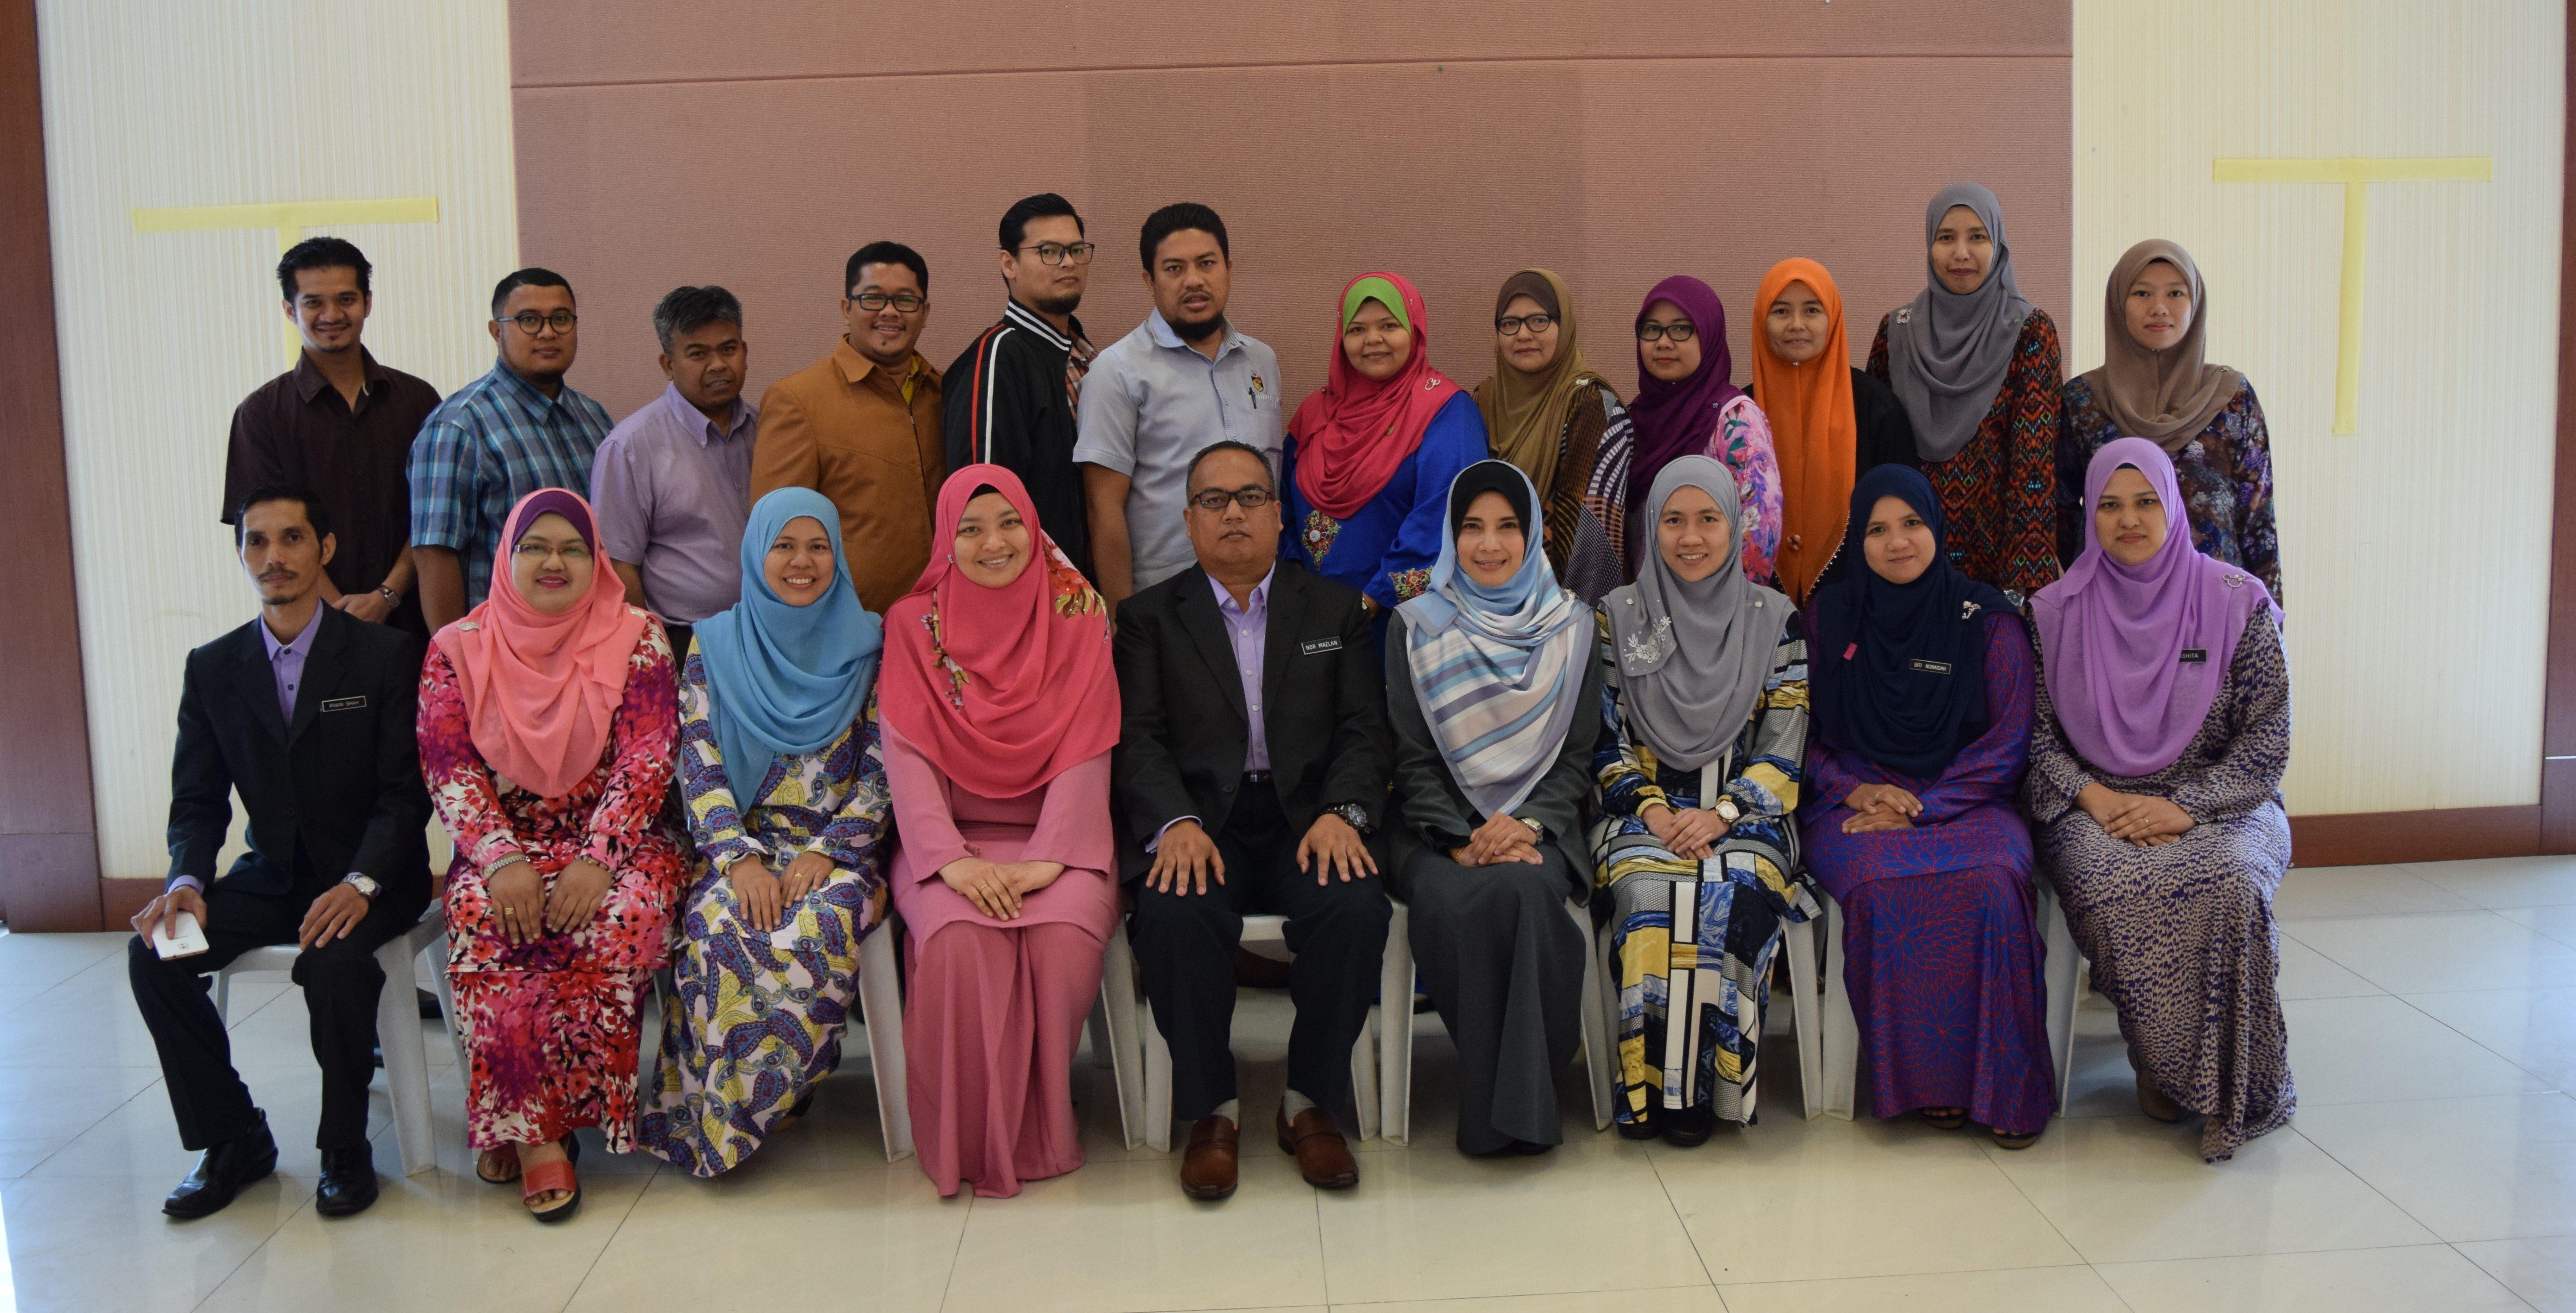 Kursus Keterampilan Bertutur & Komunikasi Profesional | JPBD N. Sembilan | 25 Julai 2017